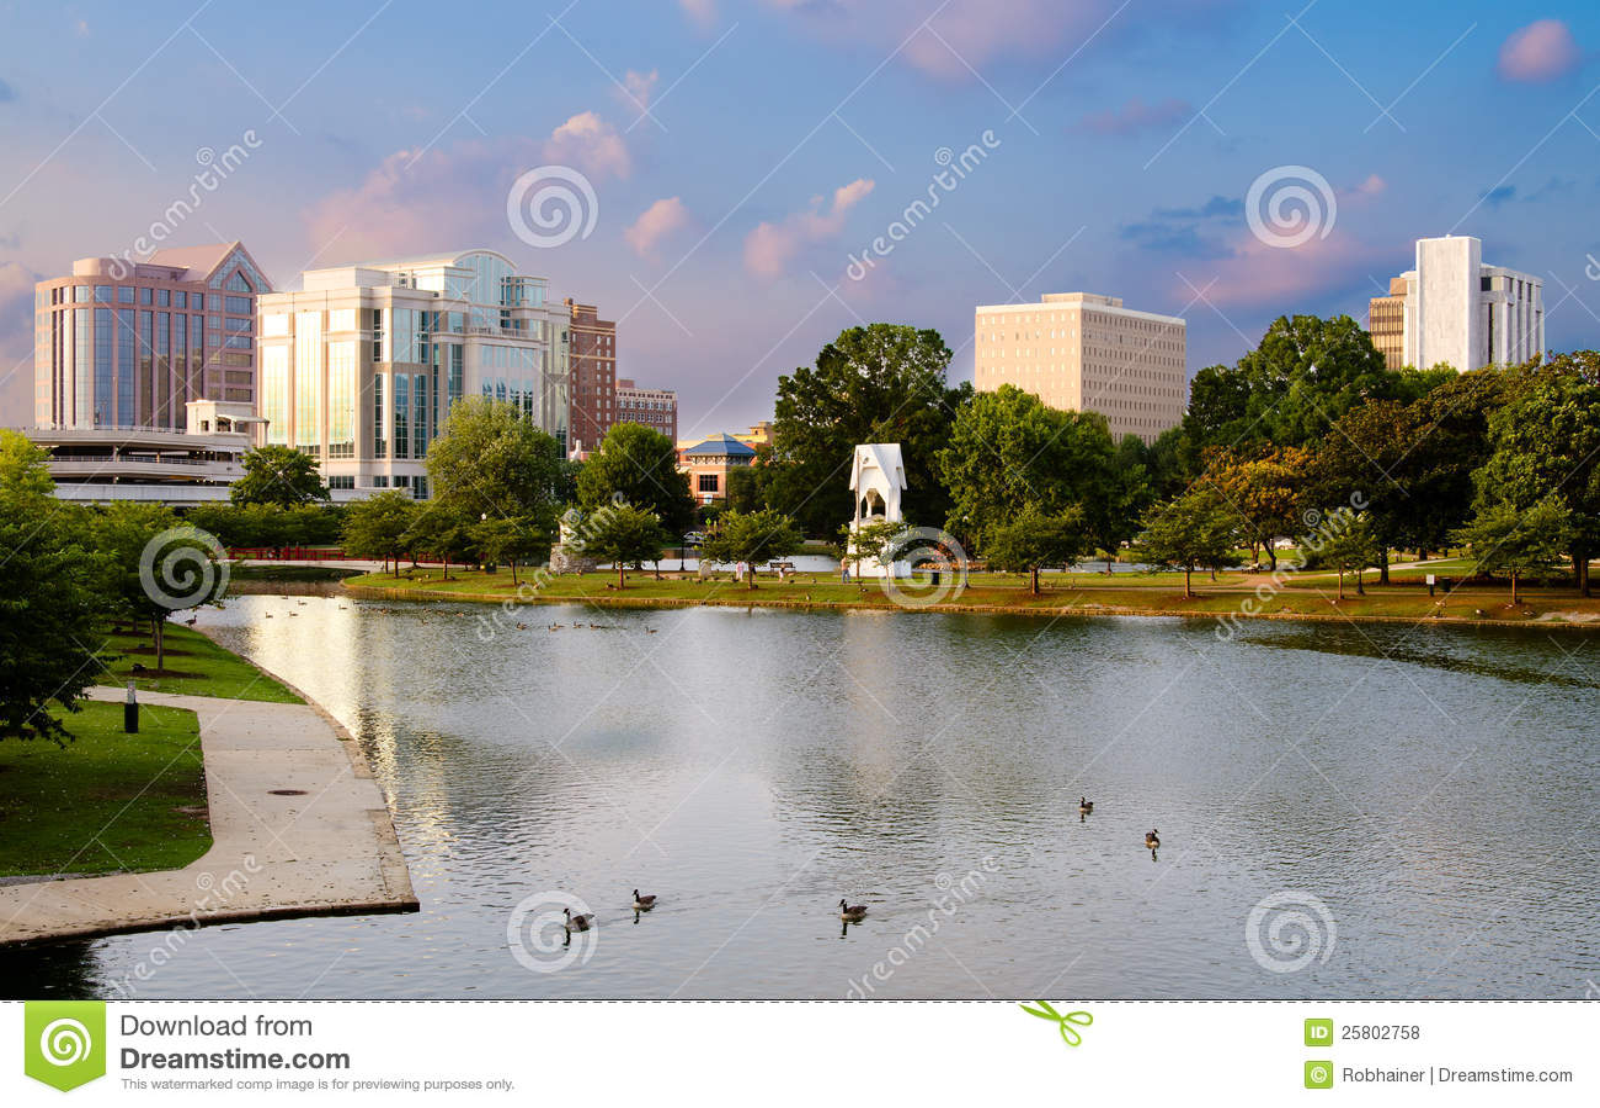 Stadtbildszene von im Stadtzentrum gelegenem Huntsville, Alabama